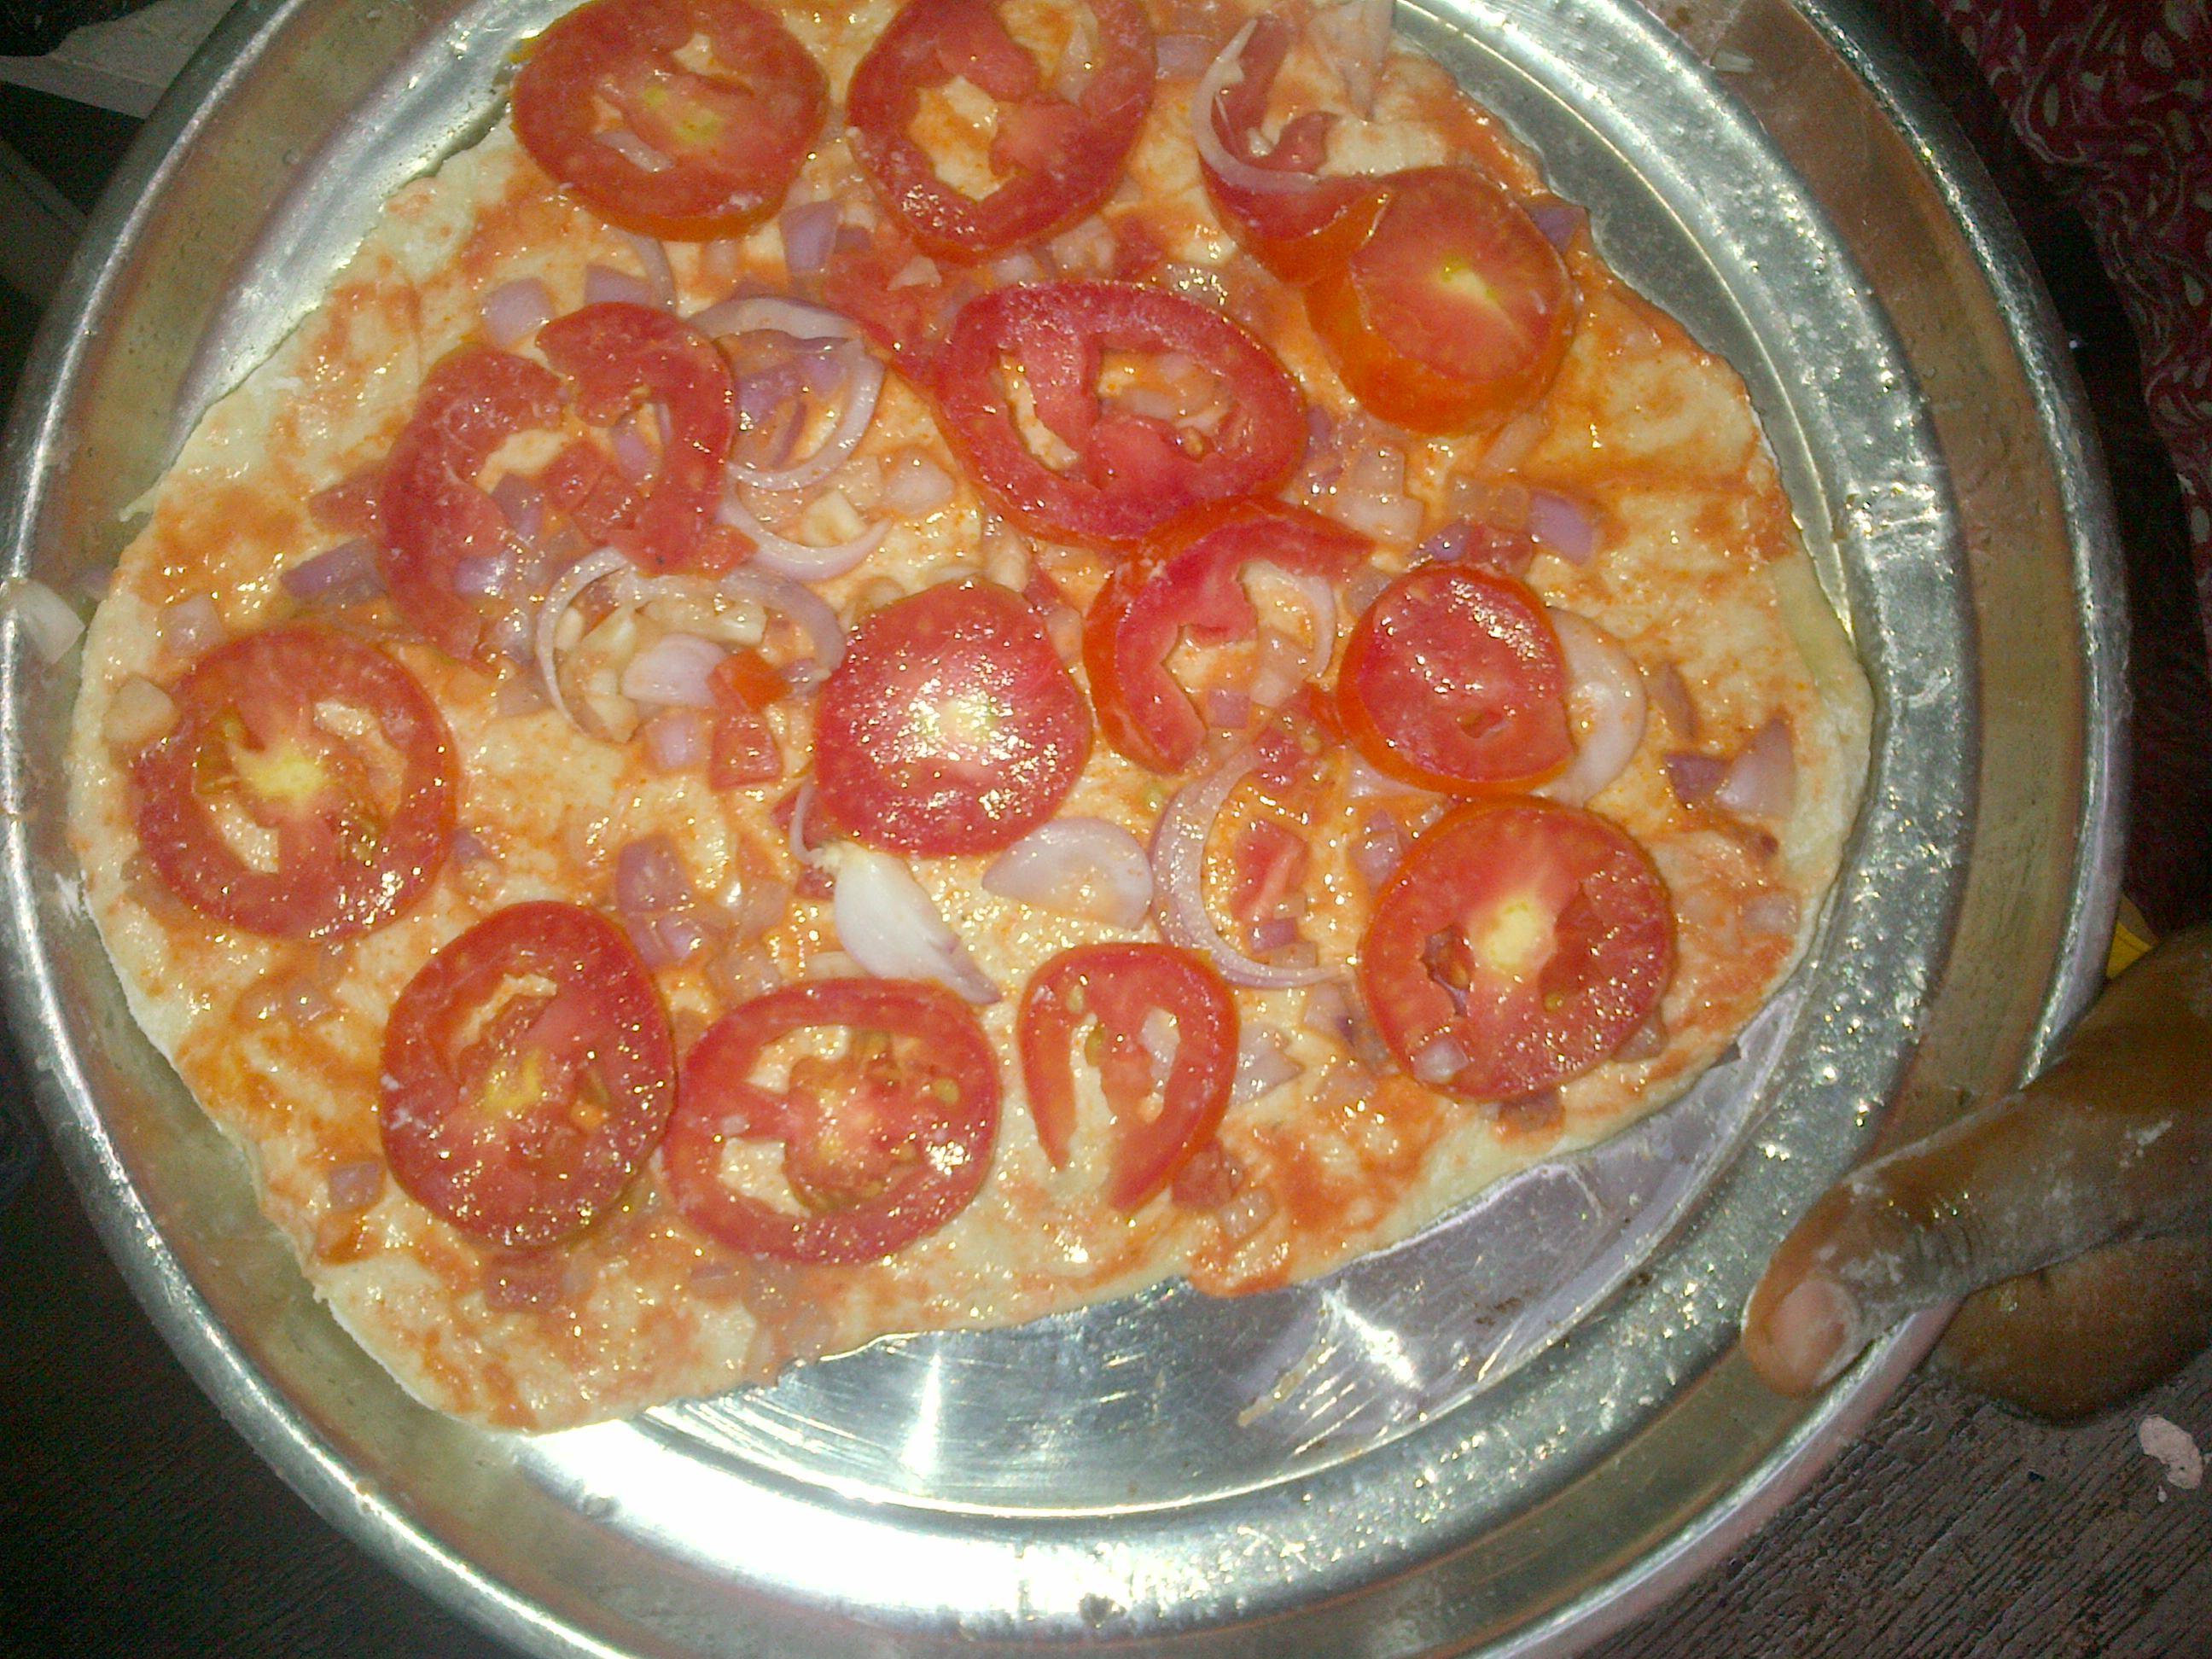 pizzaok-b4baking